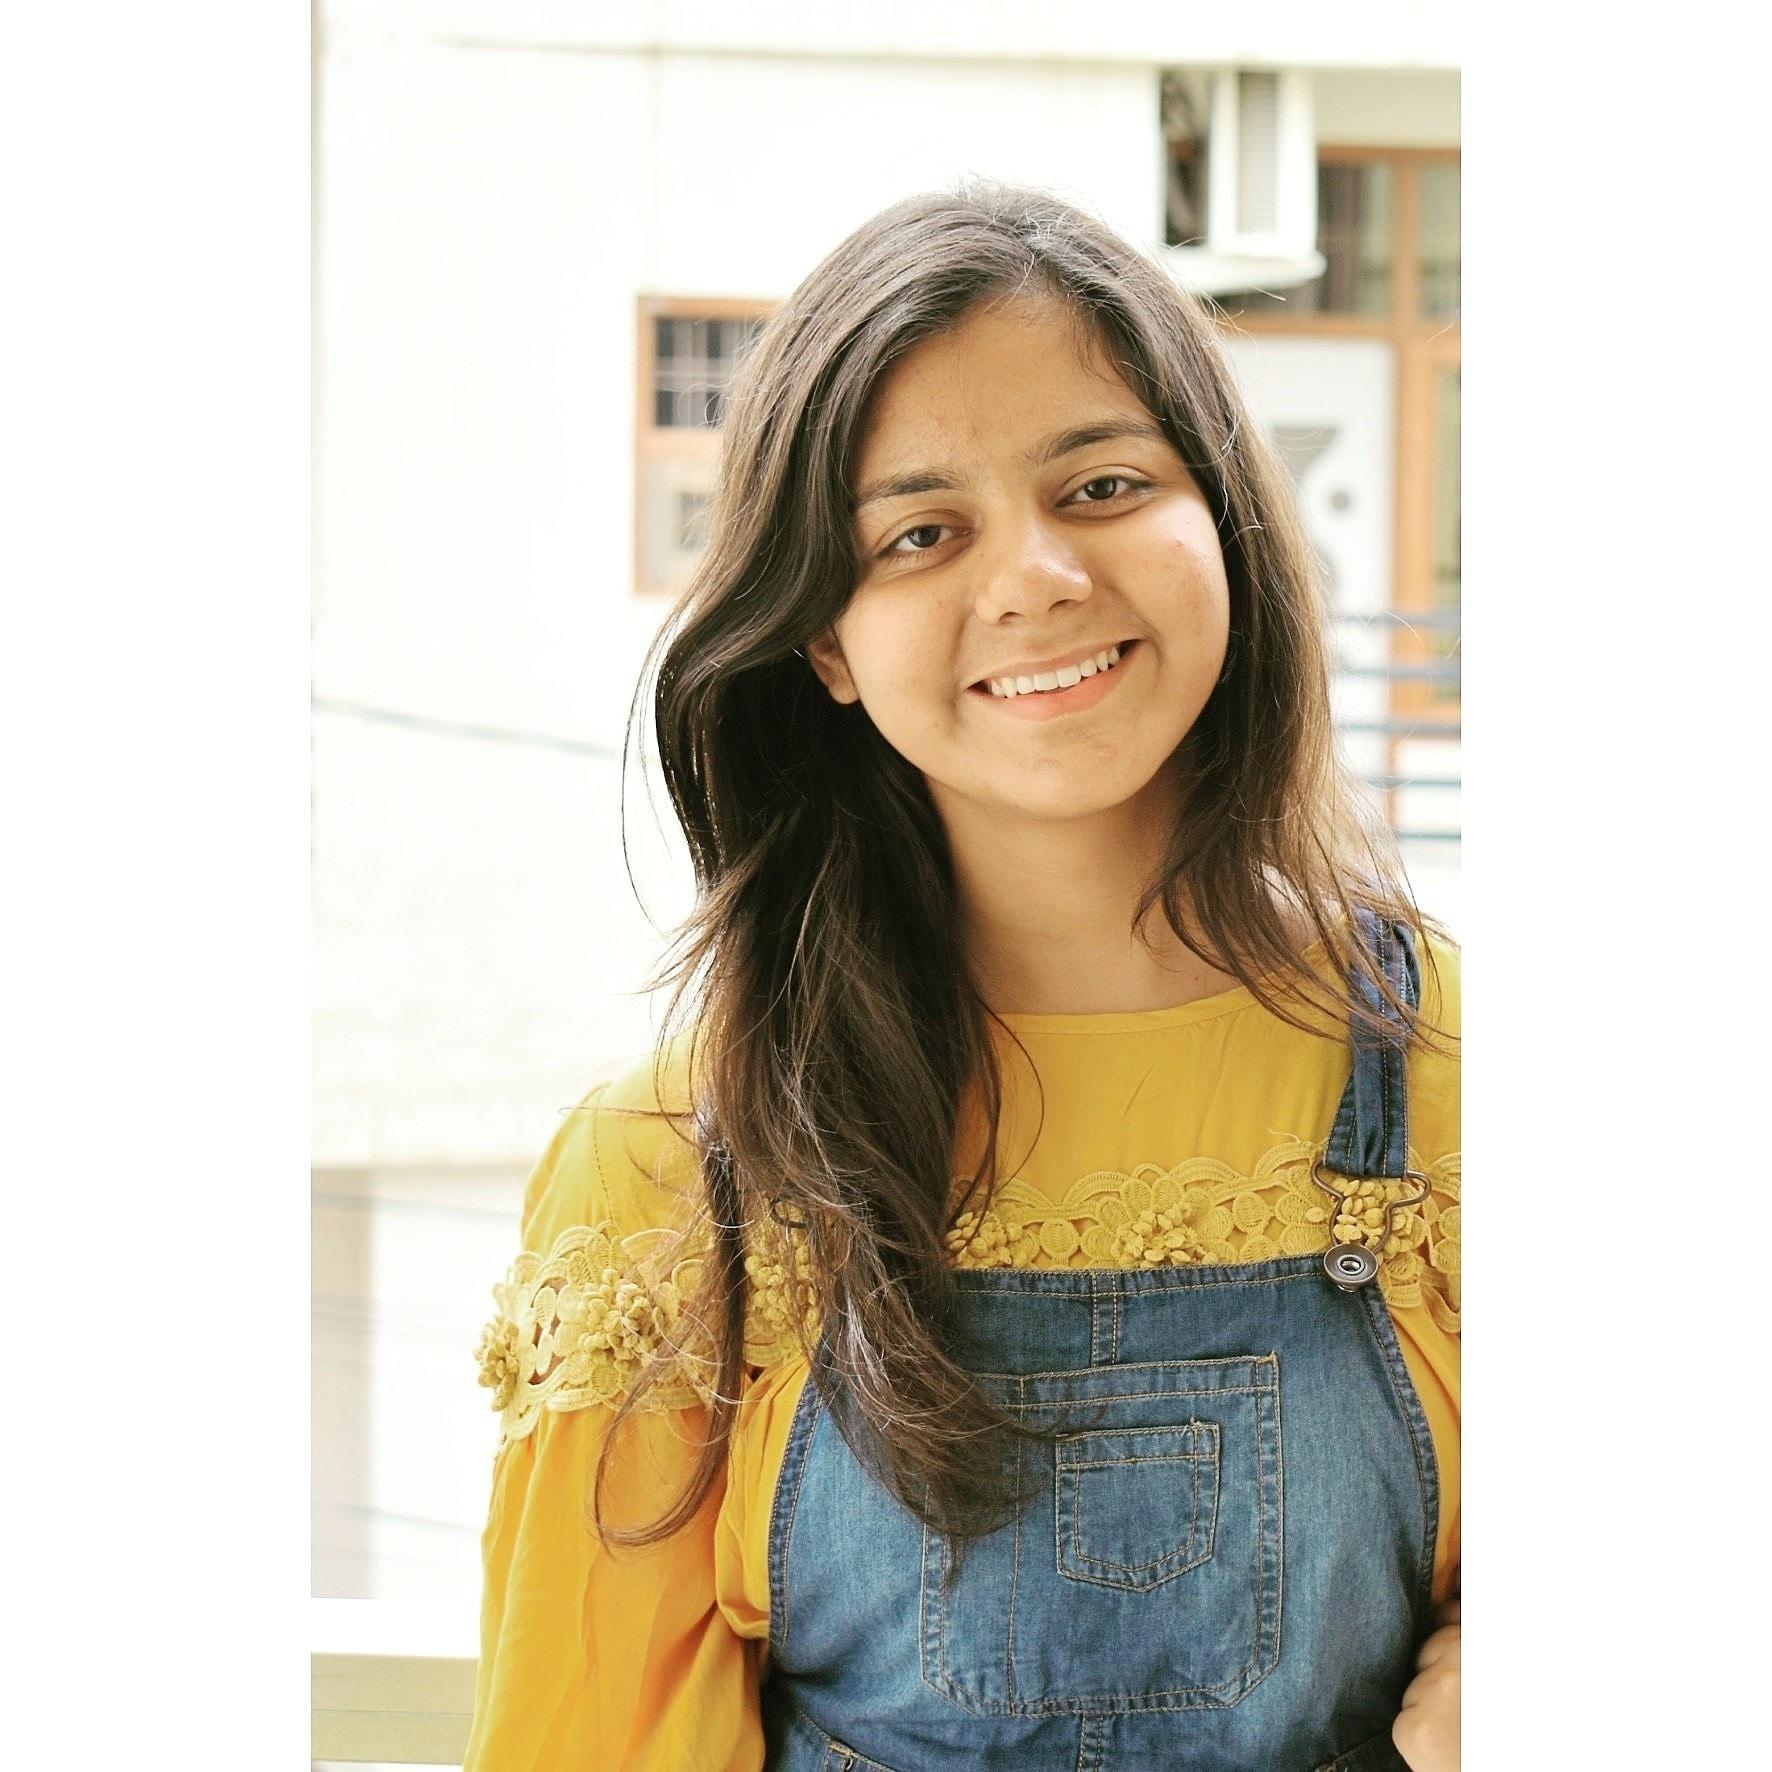 Go to Neelakshi Singh's profile